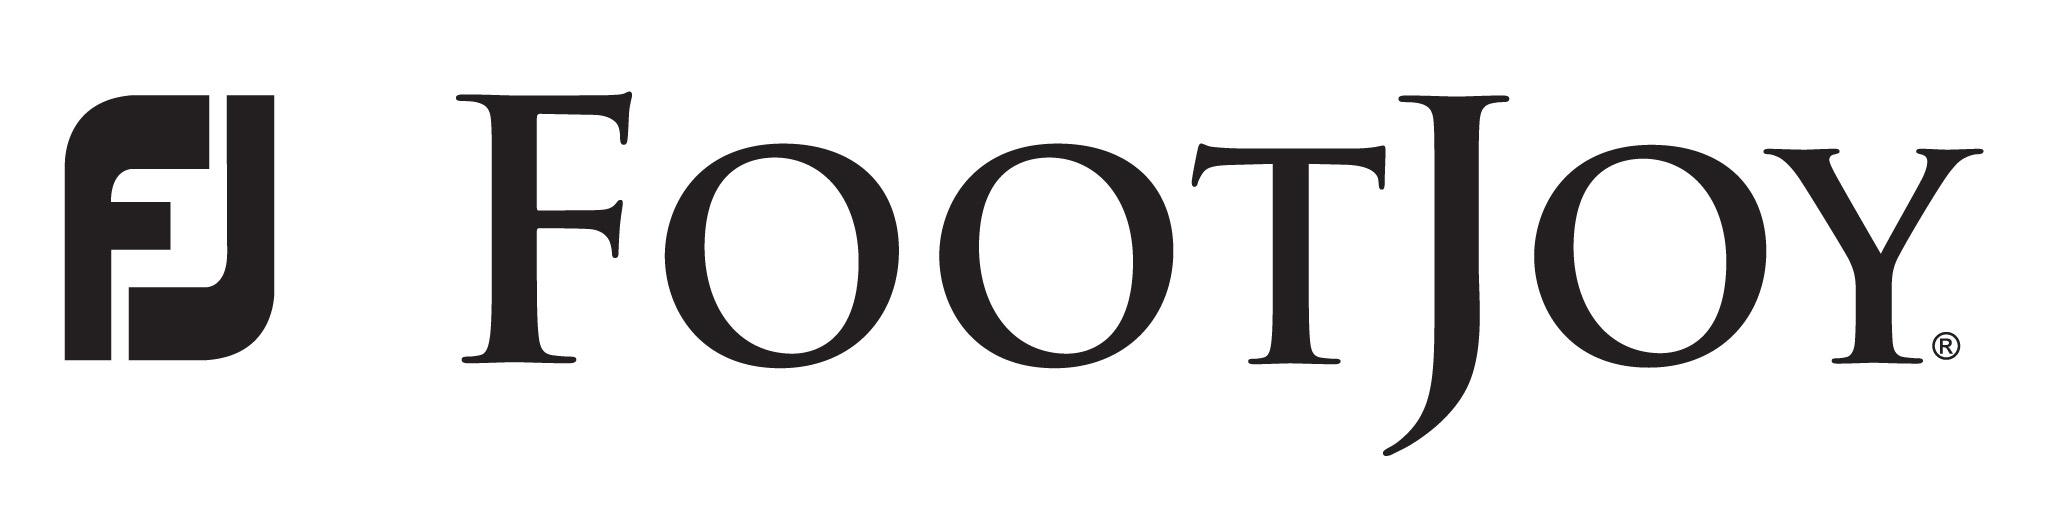 footjo